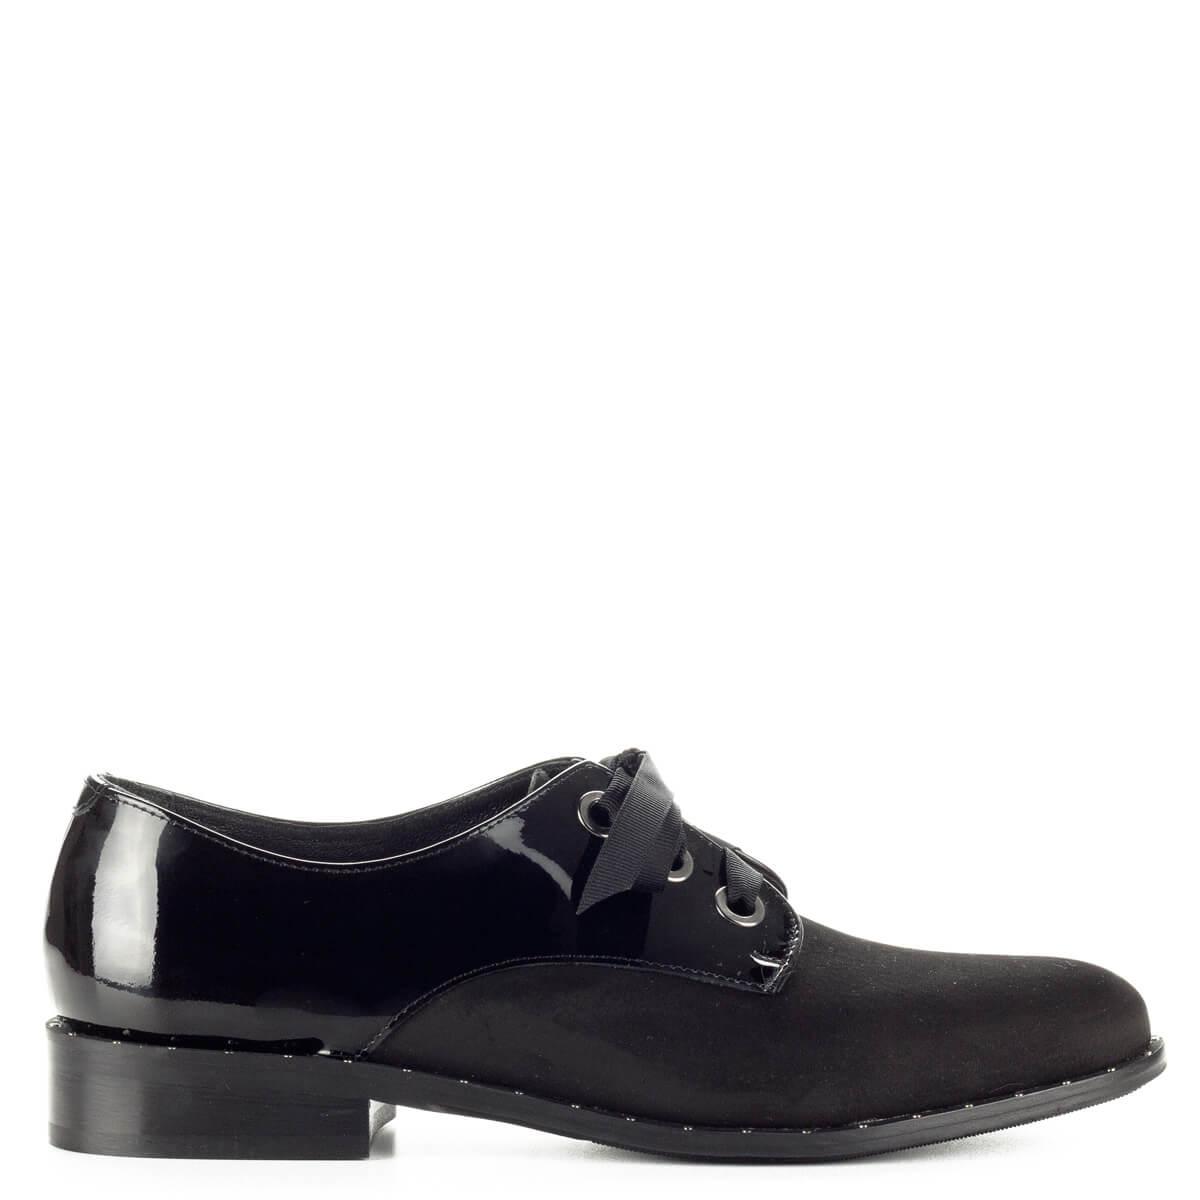 Fekete Lukasz fűzős női cipő nubuk és lakk bőr kombinálásával. Talpa körben  szegecsekkel díszített bfc8eb6b63